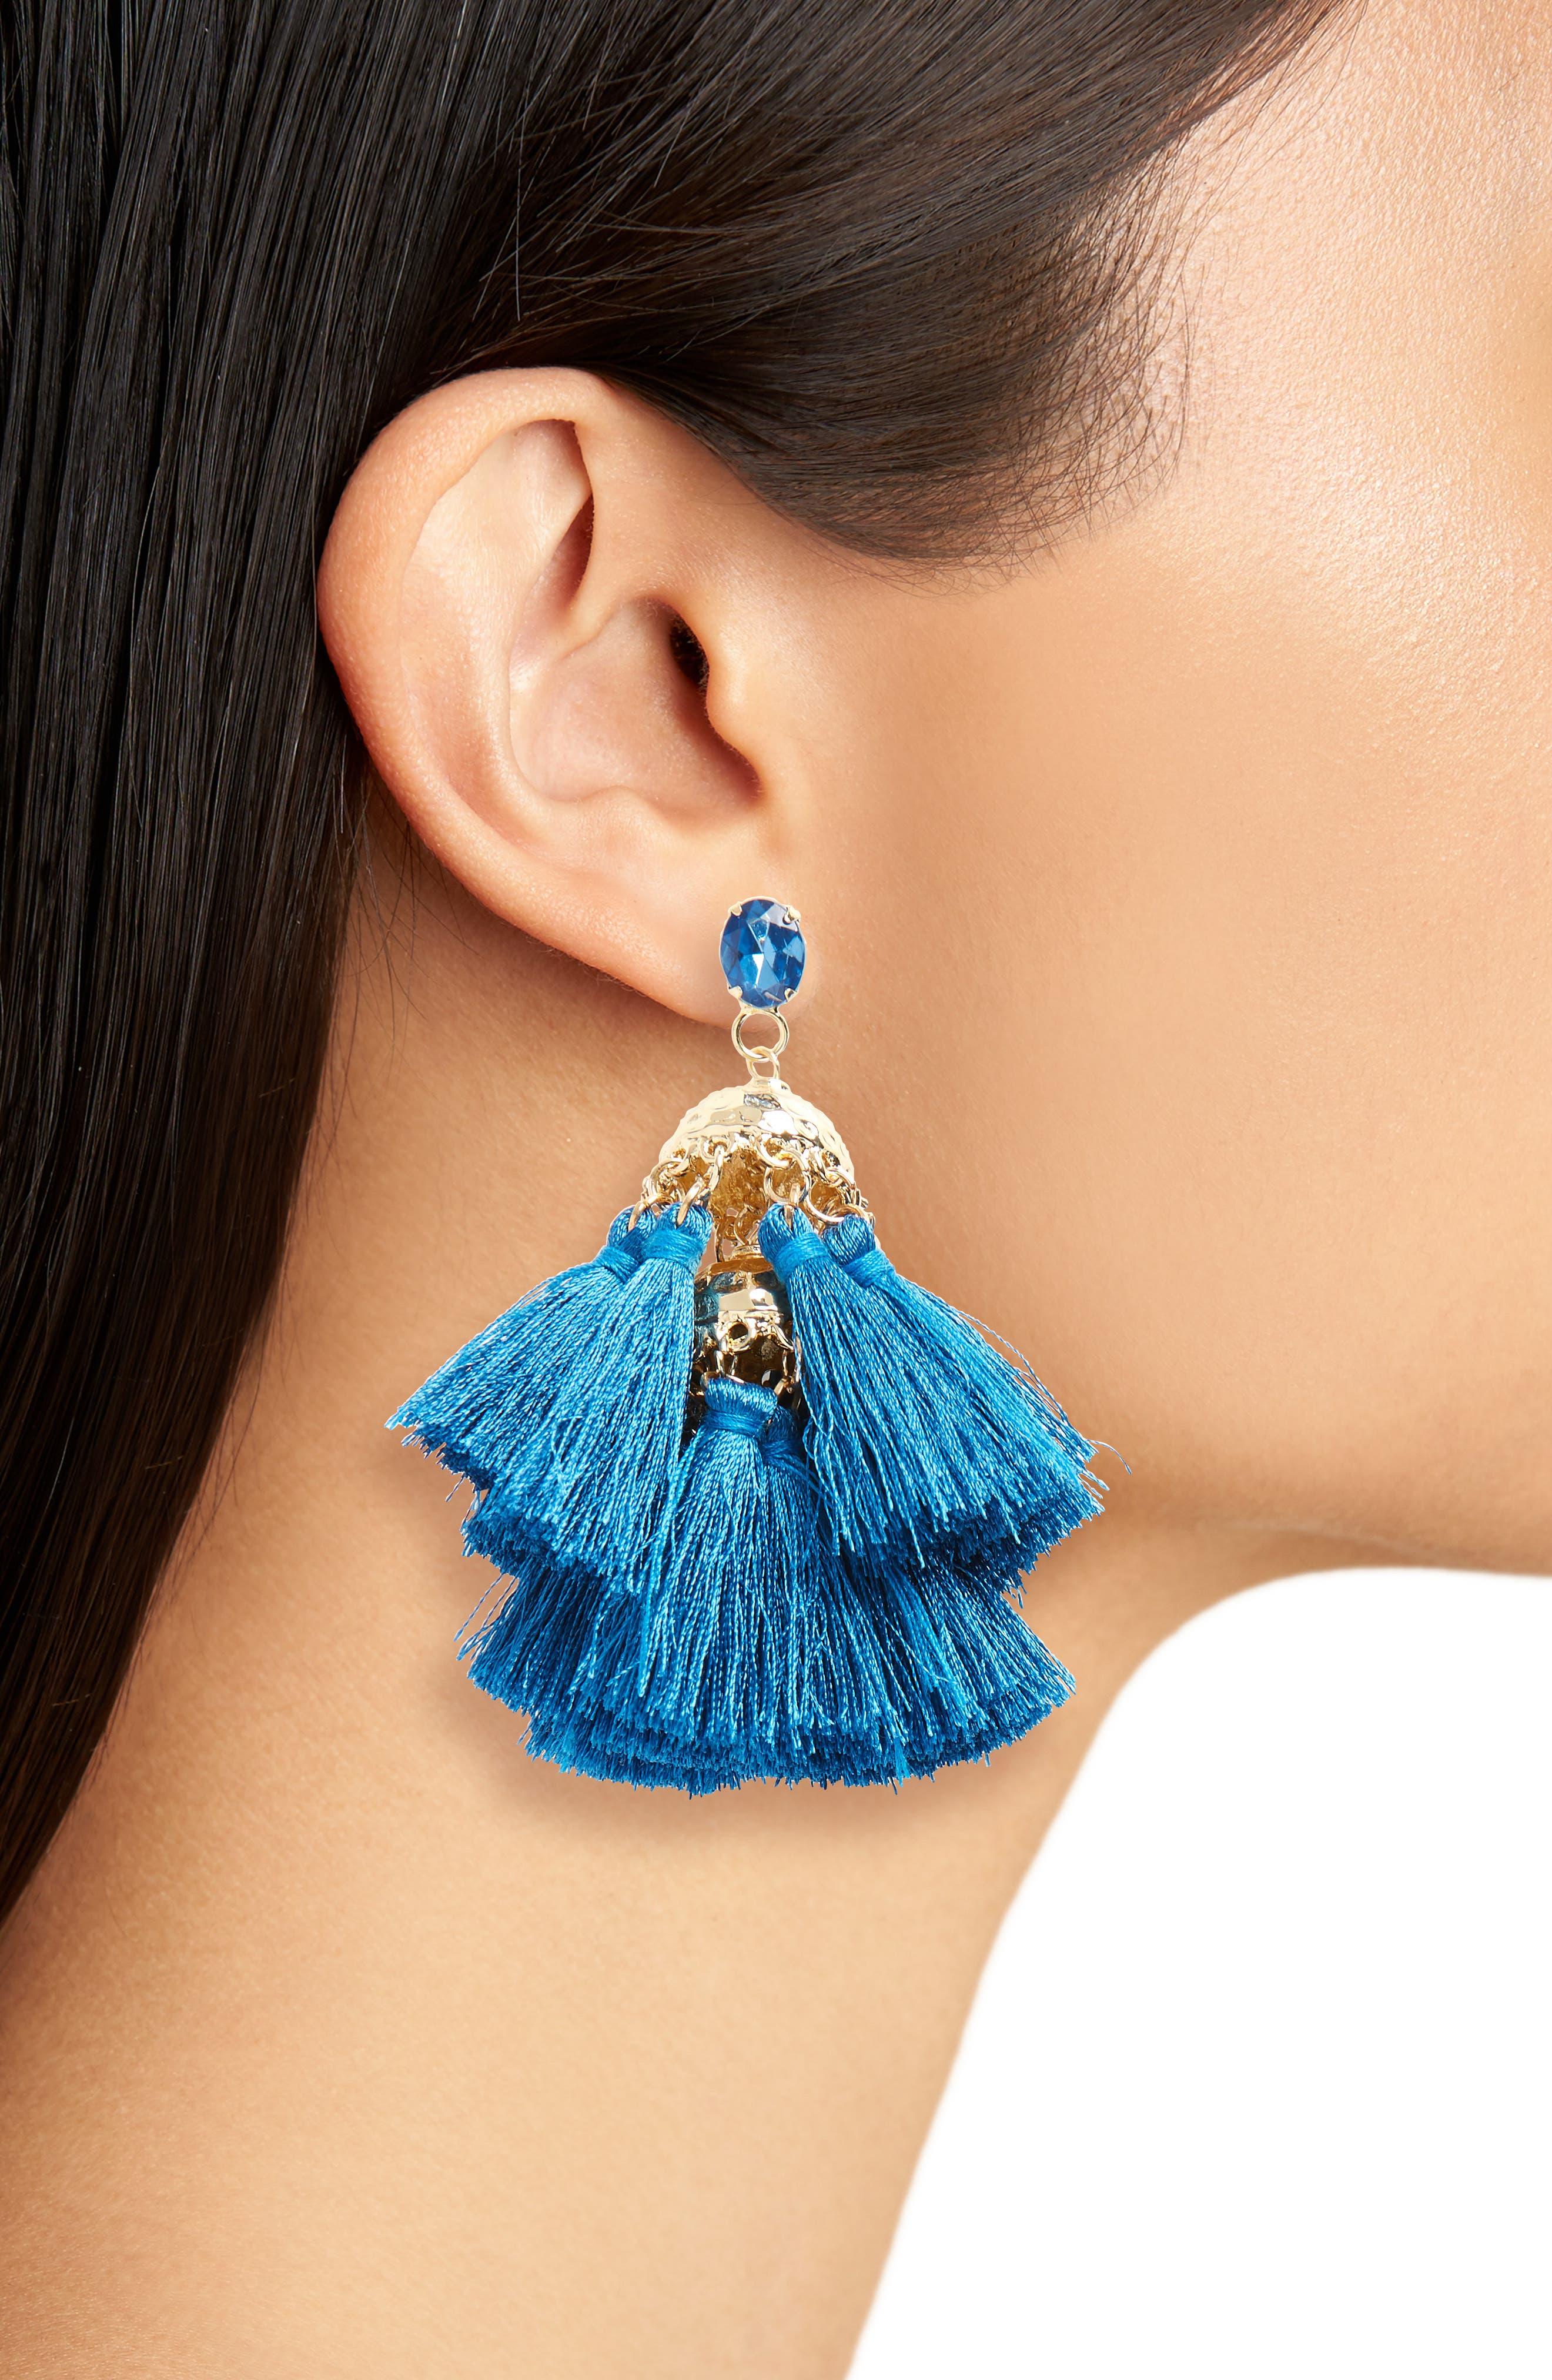 Hammered Charm & Tassel Earrings,                             Alternate thumbnail 2, color,                             Gold/ Blue